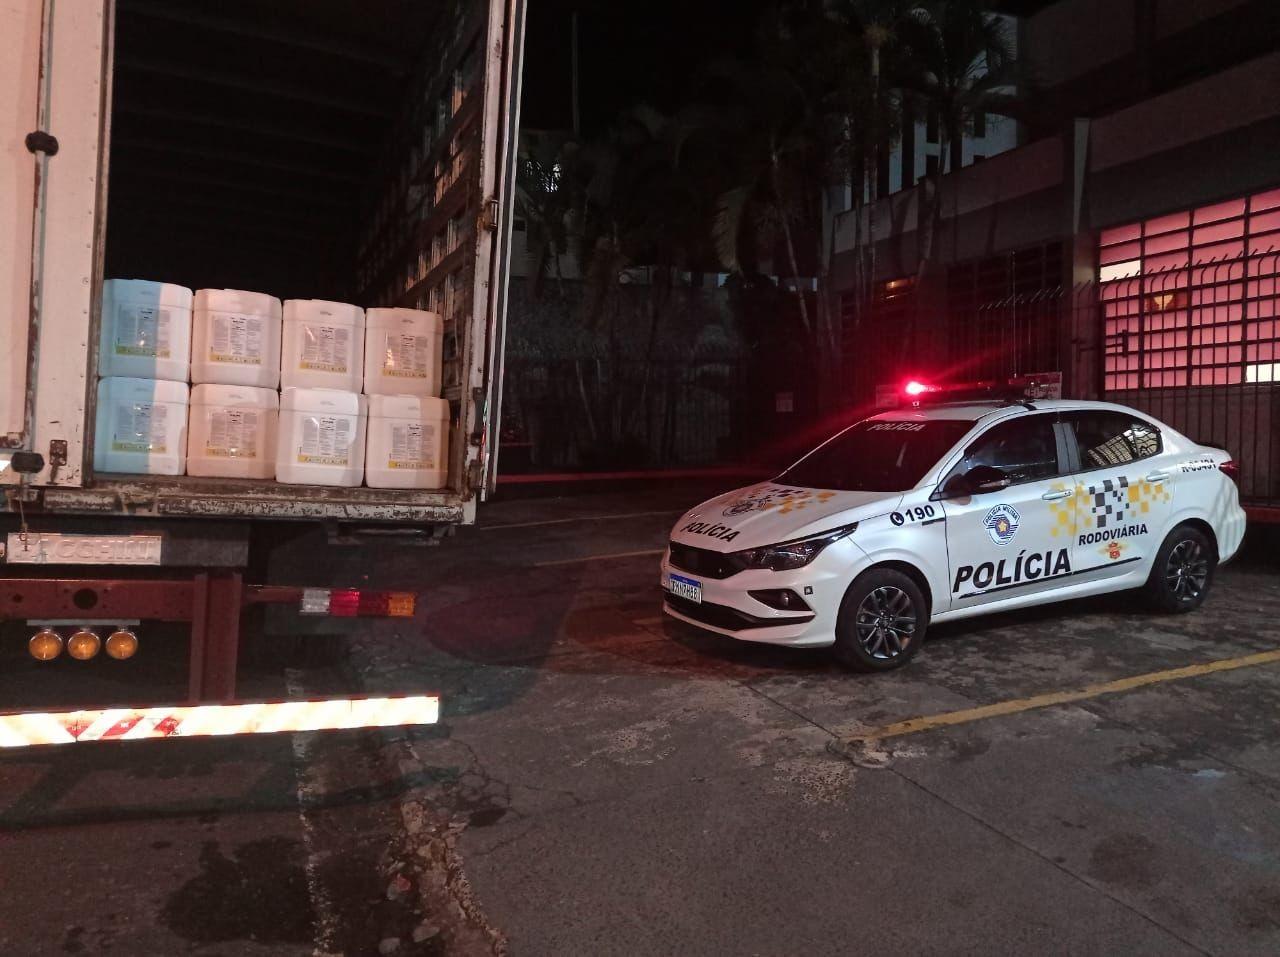 Motorista é detido com dez mil litros de agrotóxicos falsificados em Franca, SP